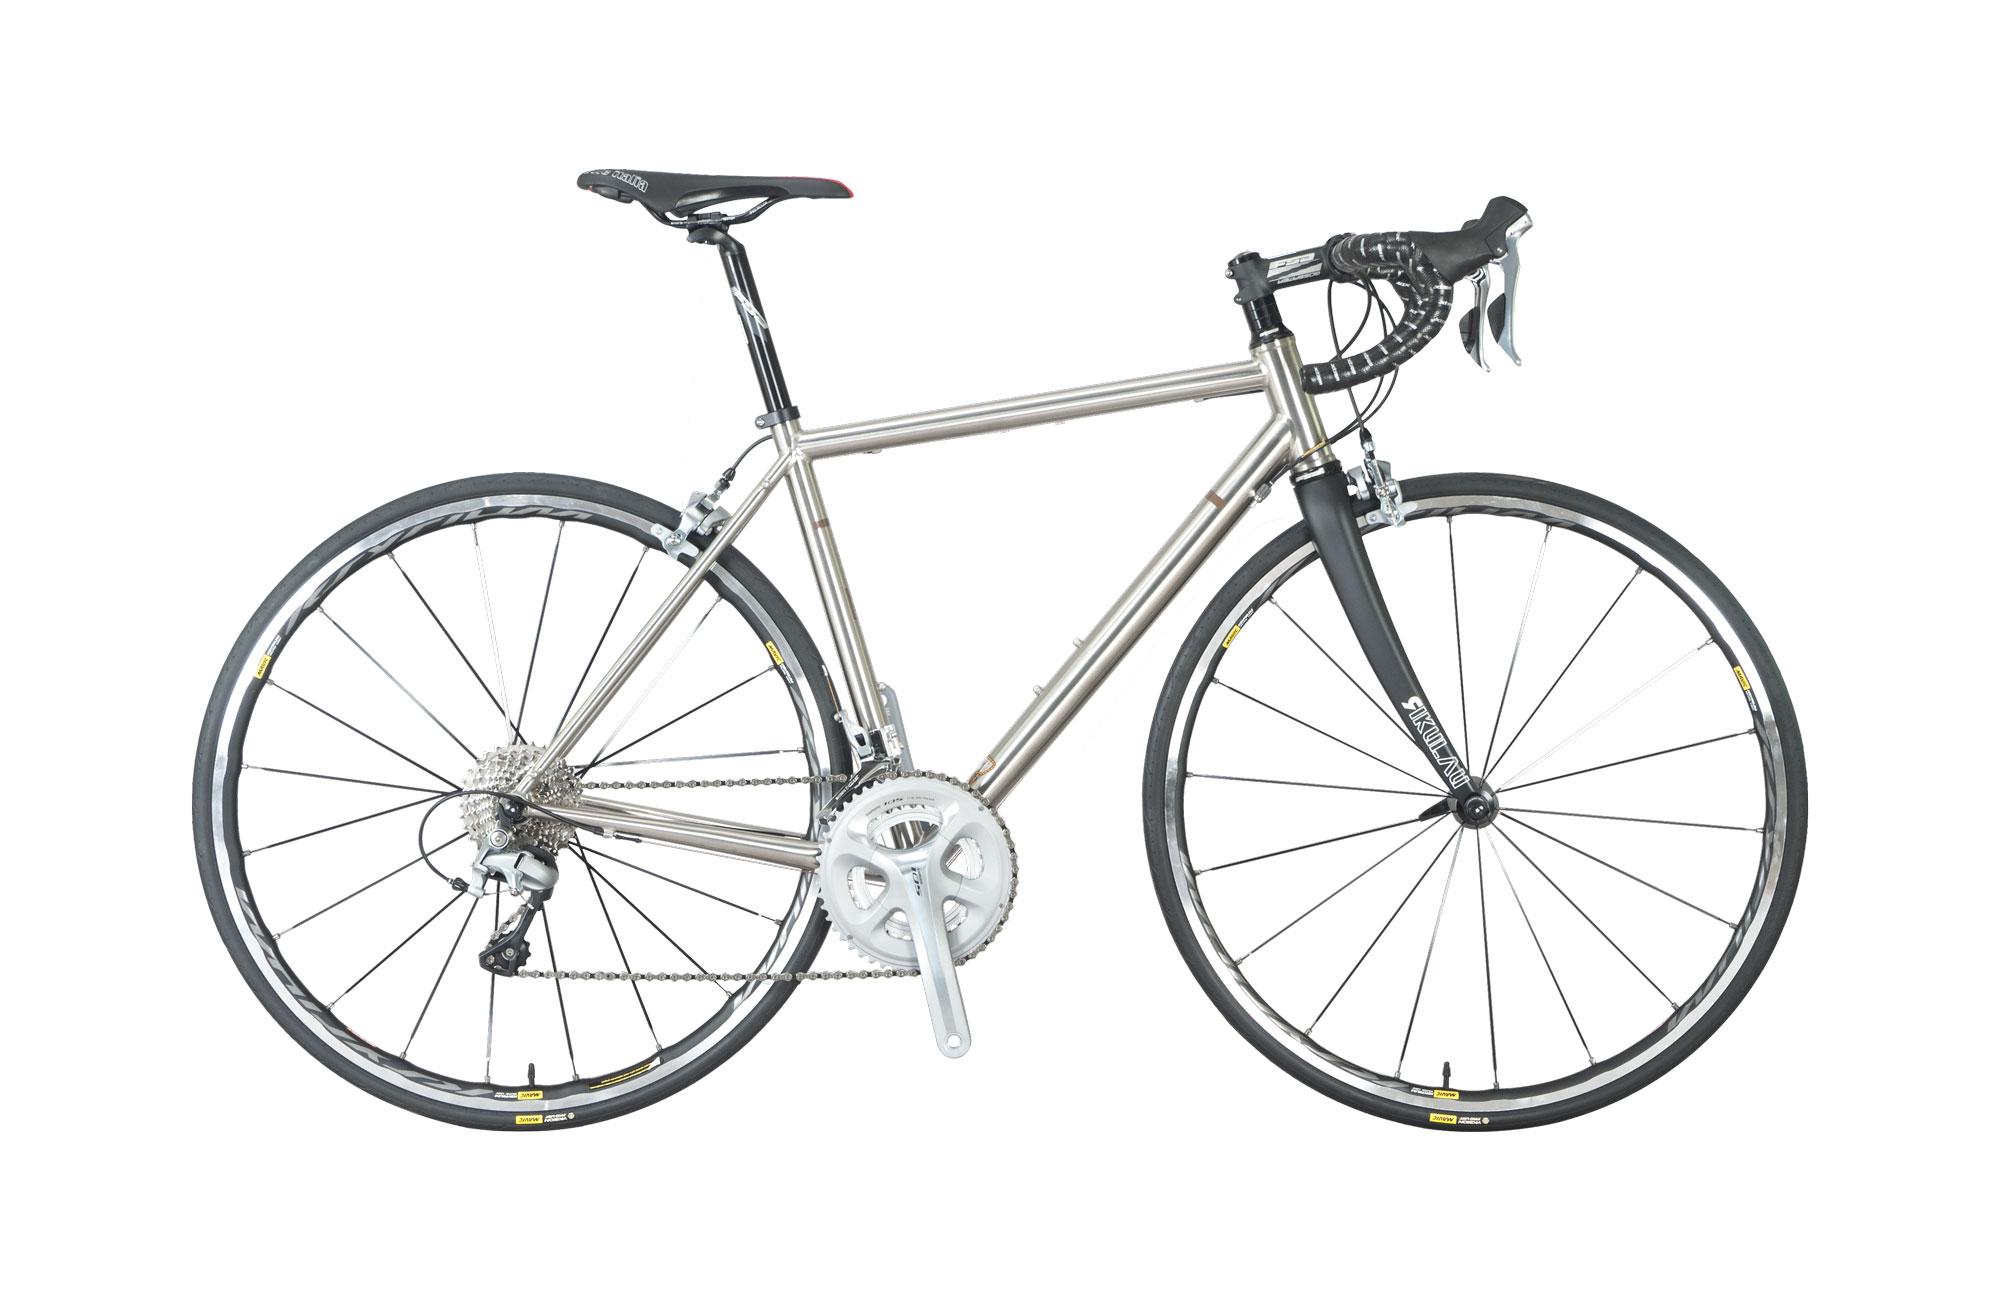 Road Bike - Audax 325Ti (titanium)